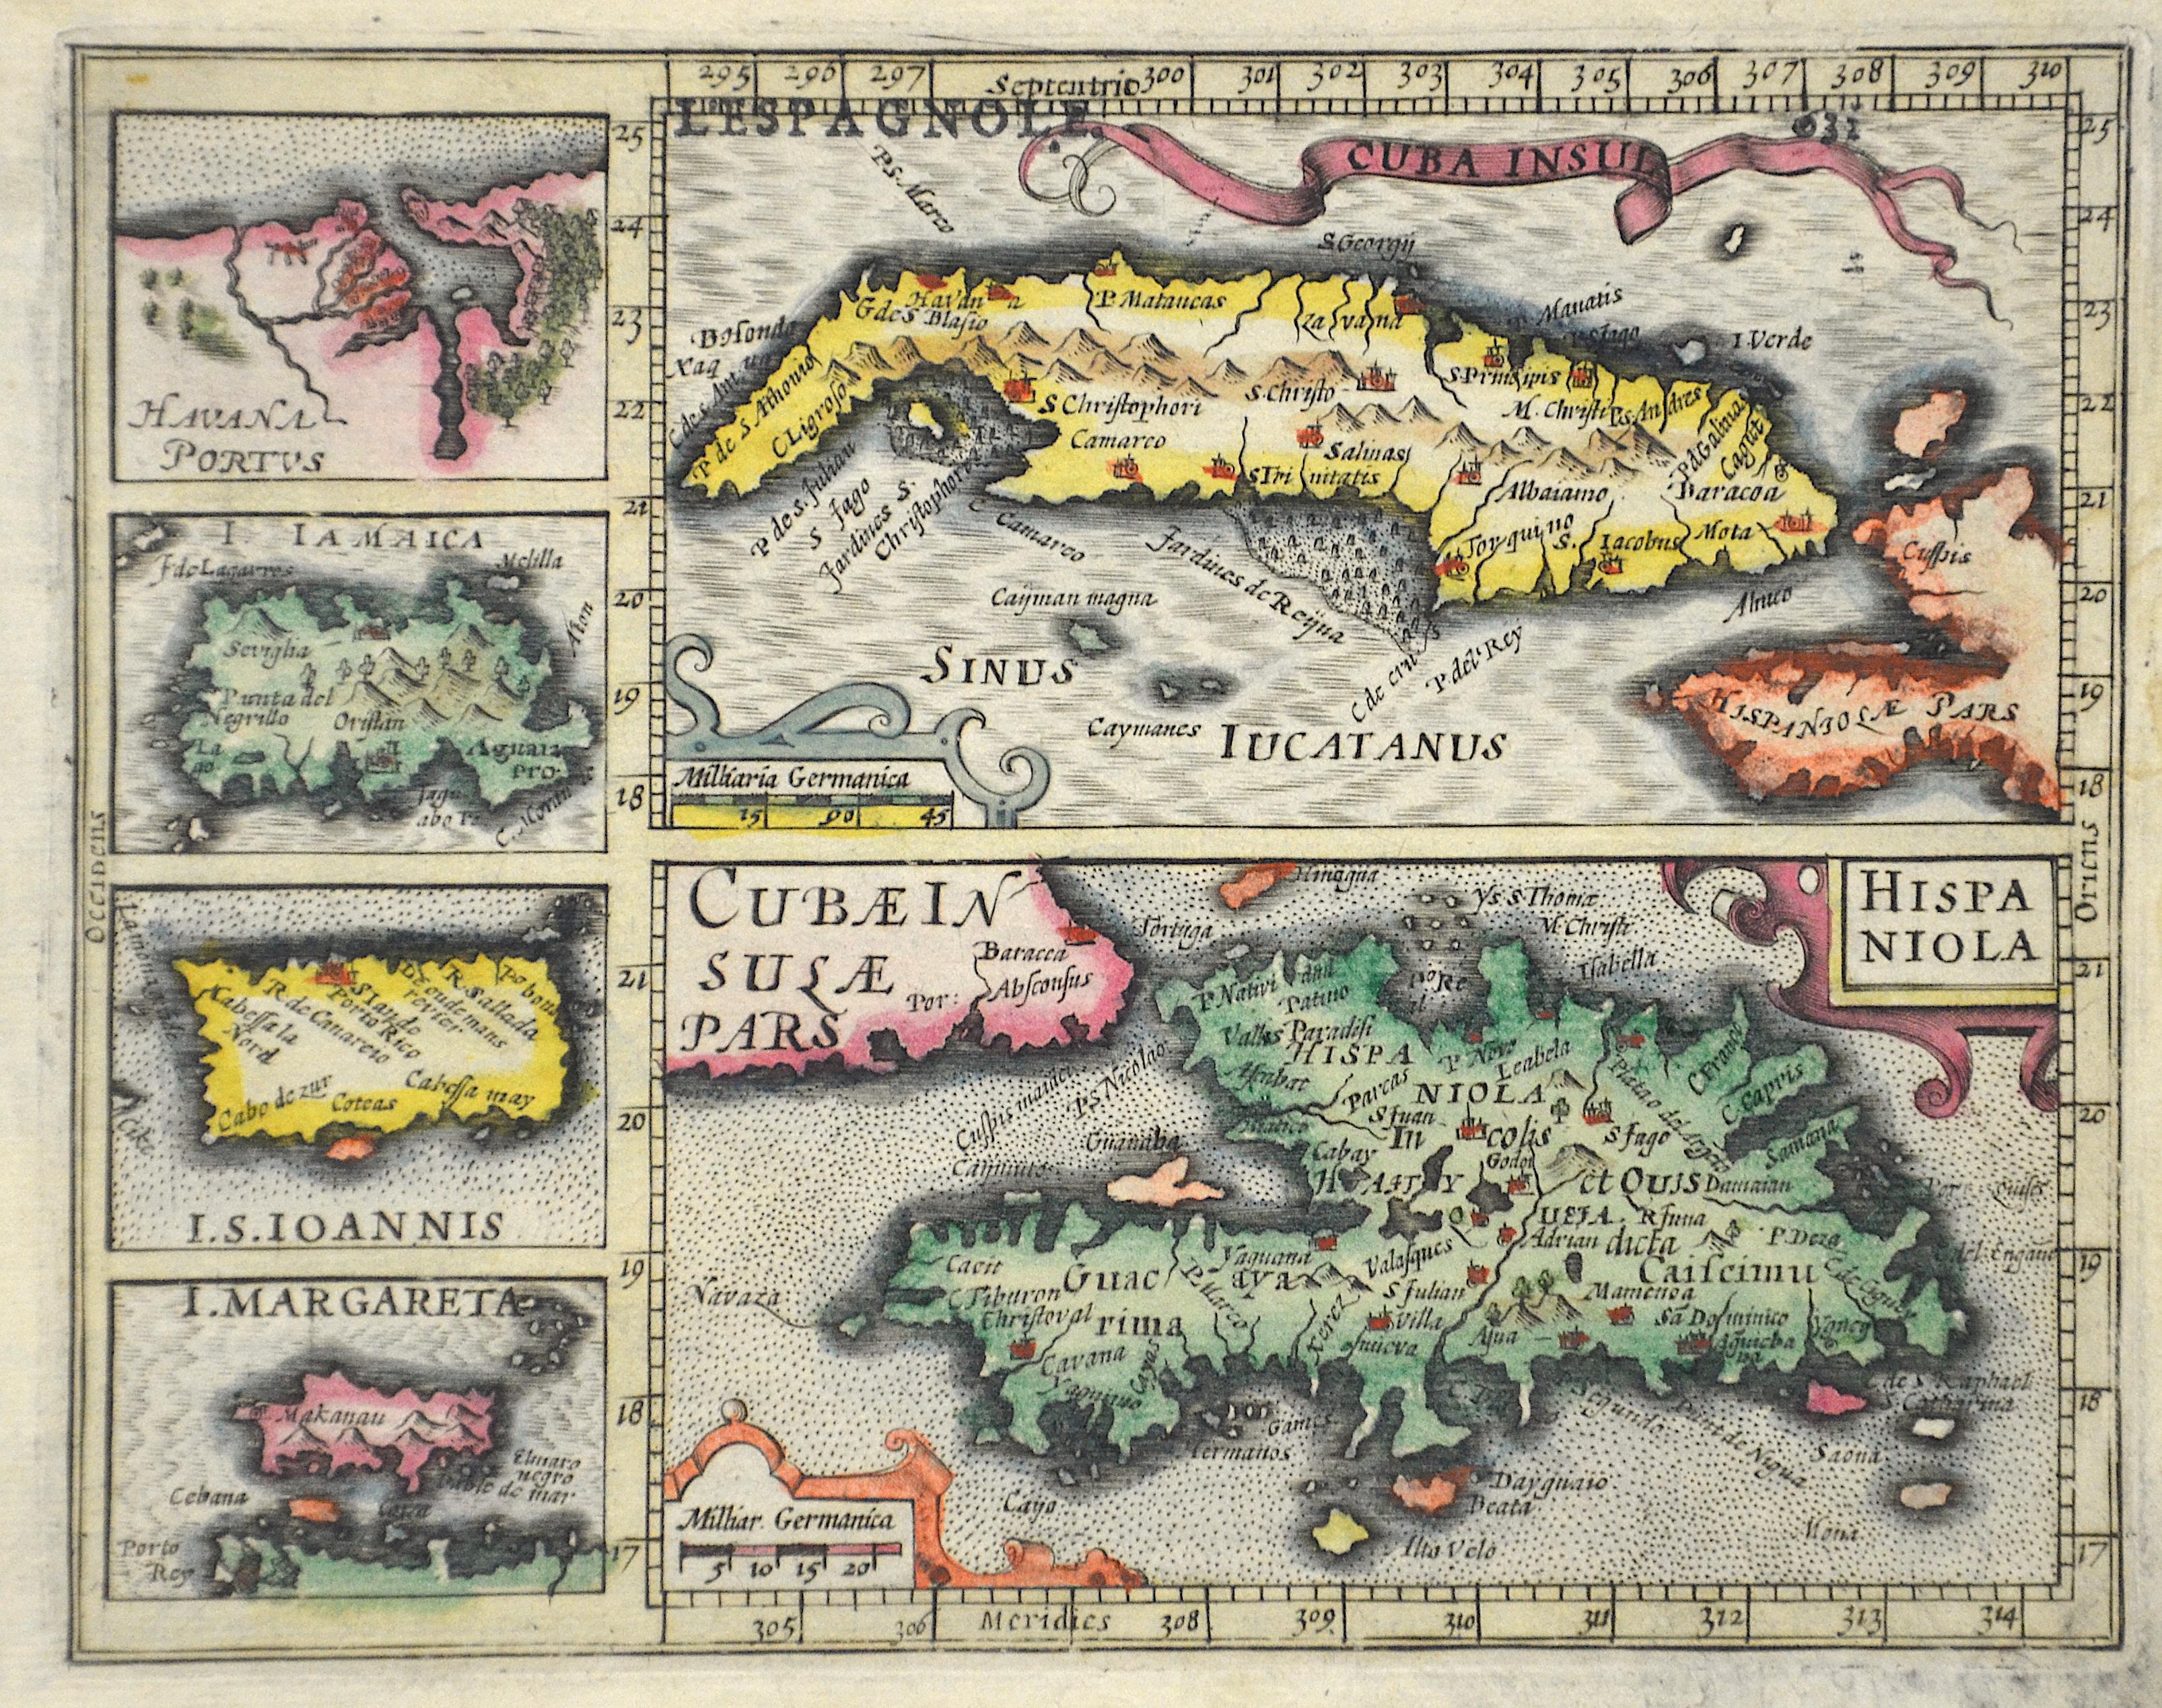 Bertius  Cuba Insul/ Hispaniola